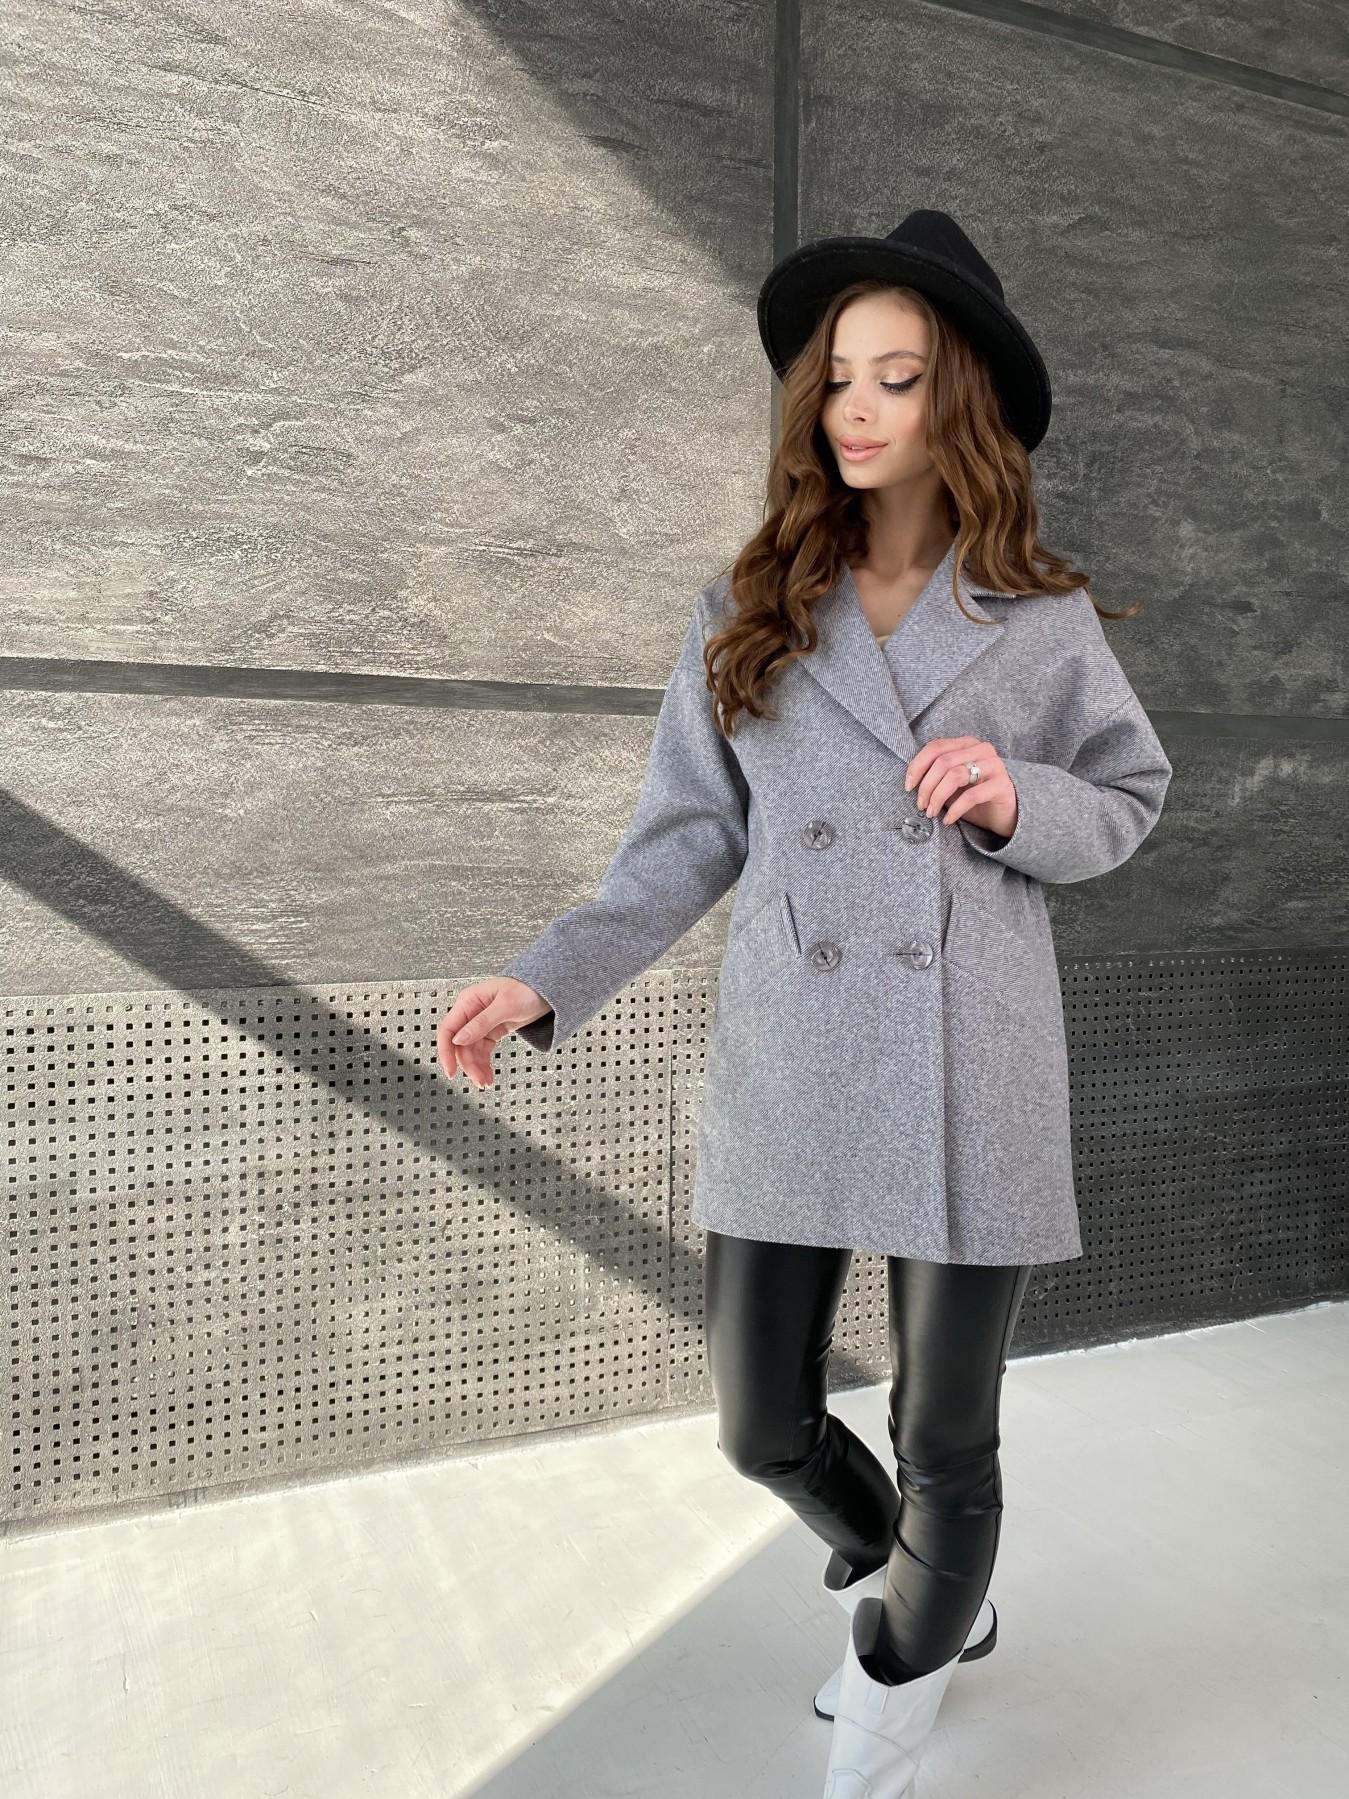 Бонд Диагональ пальто из пальтовой ткани  10757 АРТ. 47191 Цвет: Серый меланж 4 - фото 4, интернет магазин tm-modus.ru